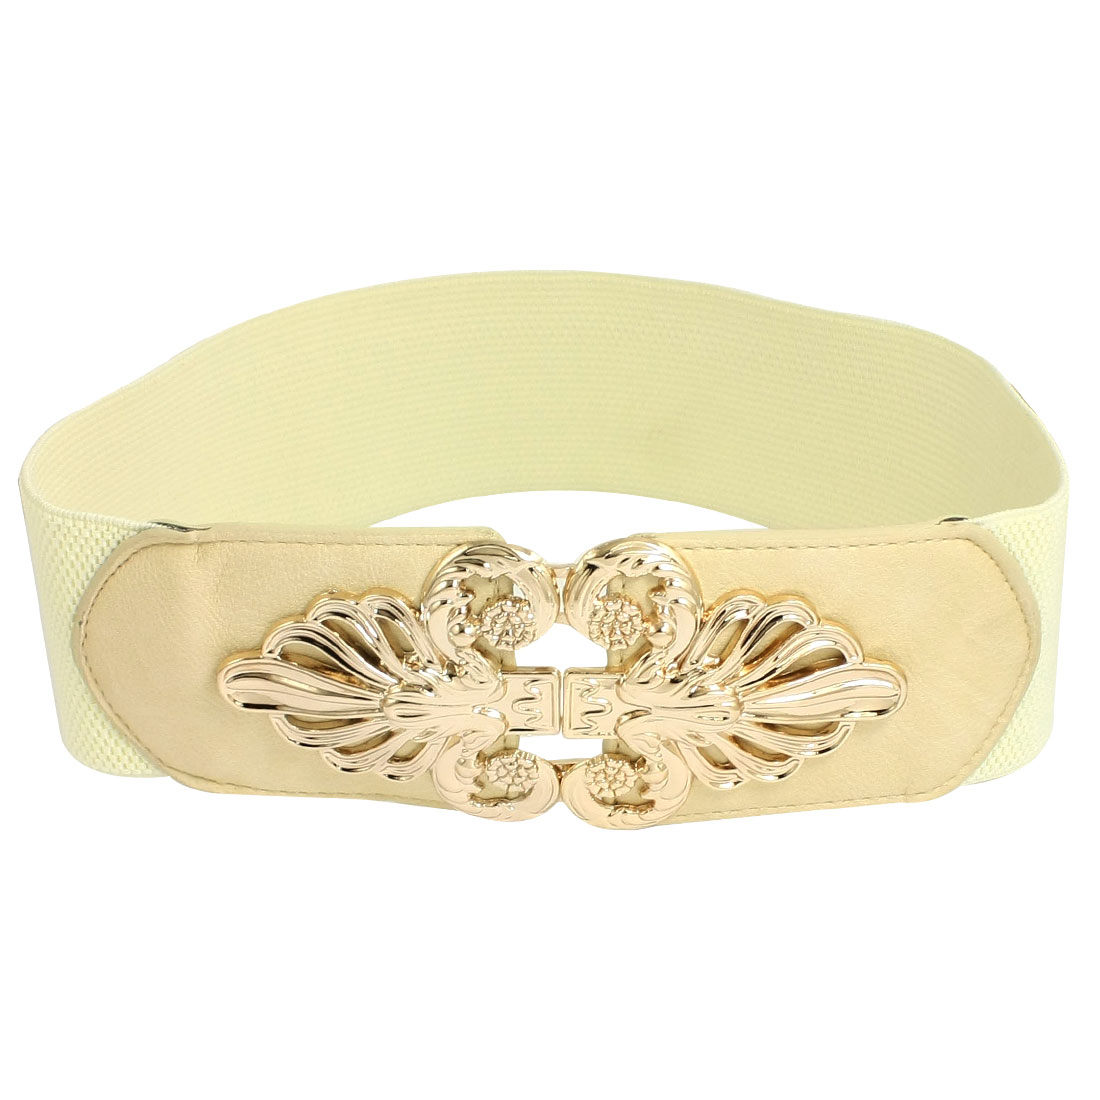 White 6cm Width Interlocking Buckle Elastic Cinch Belts for Women